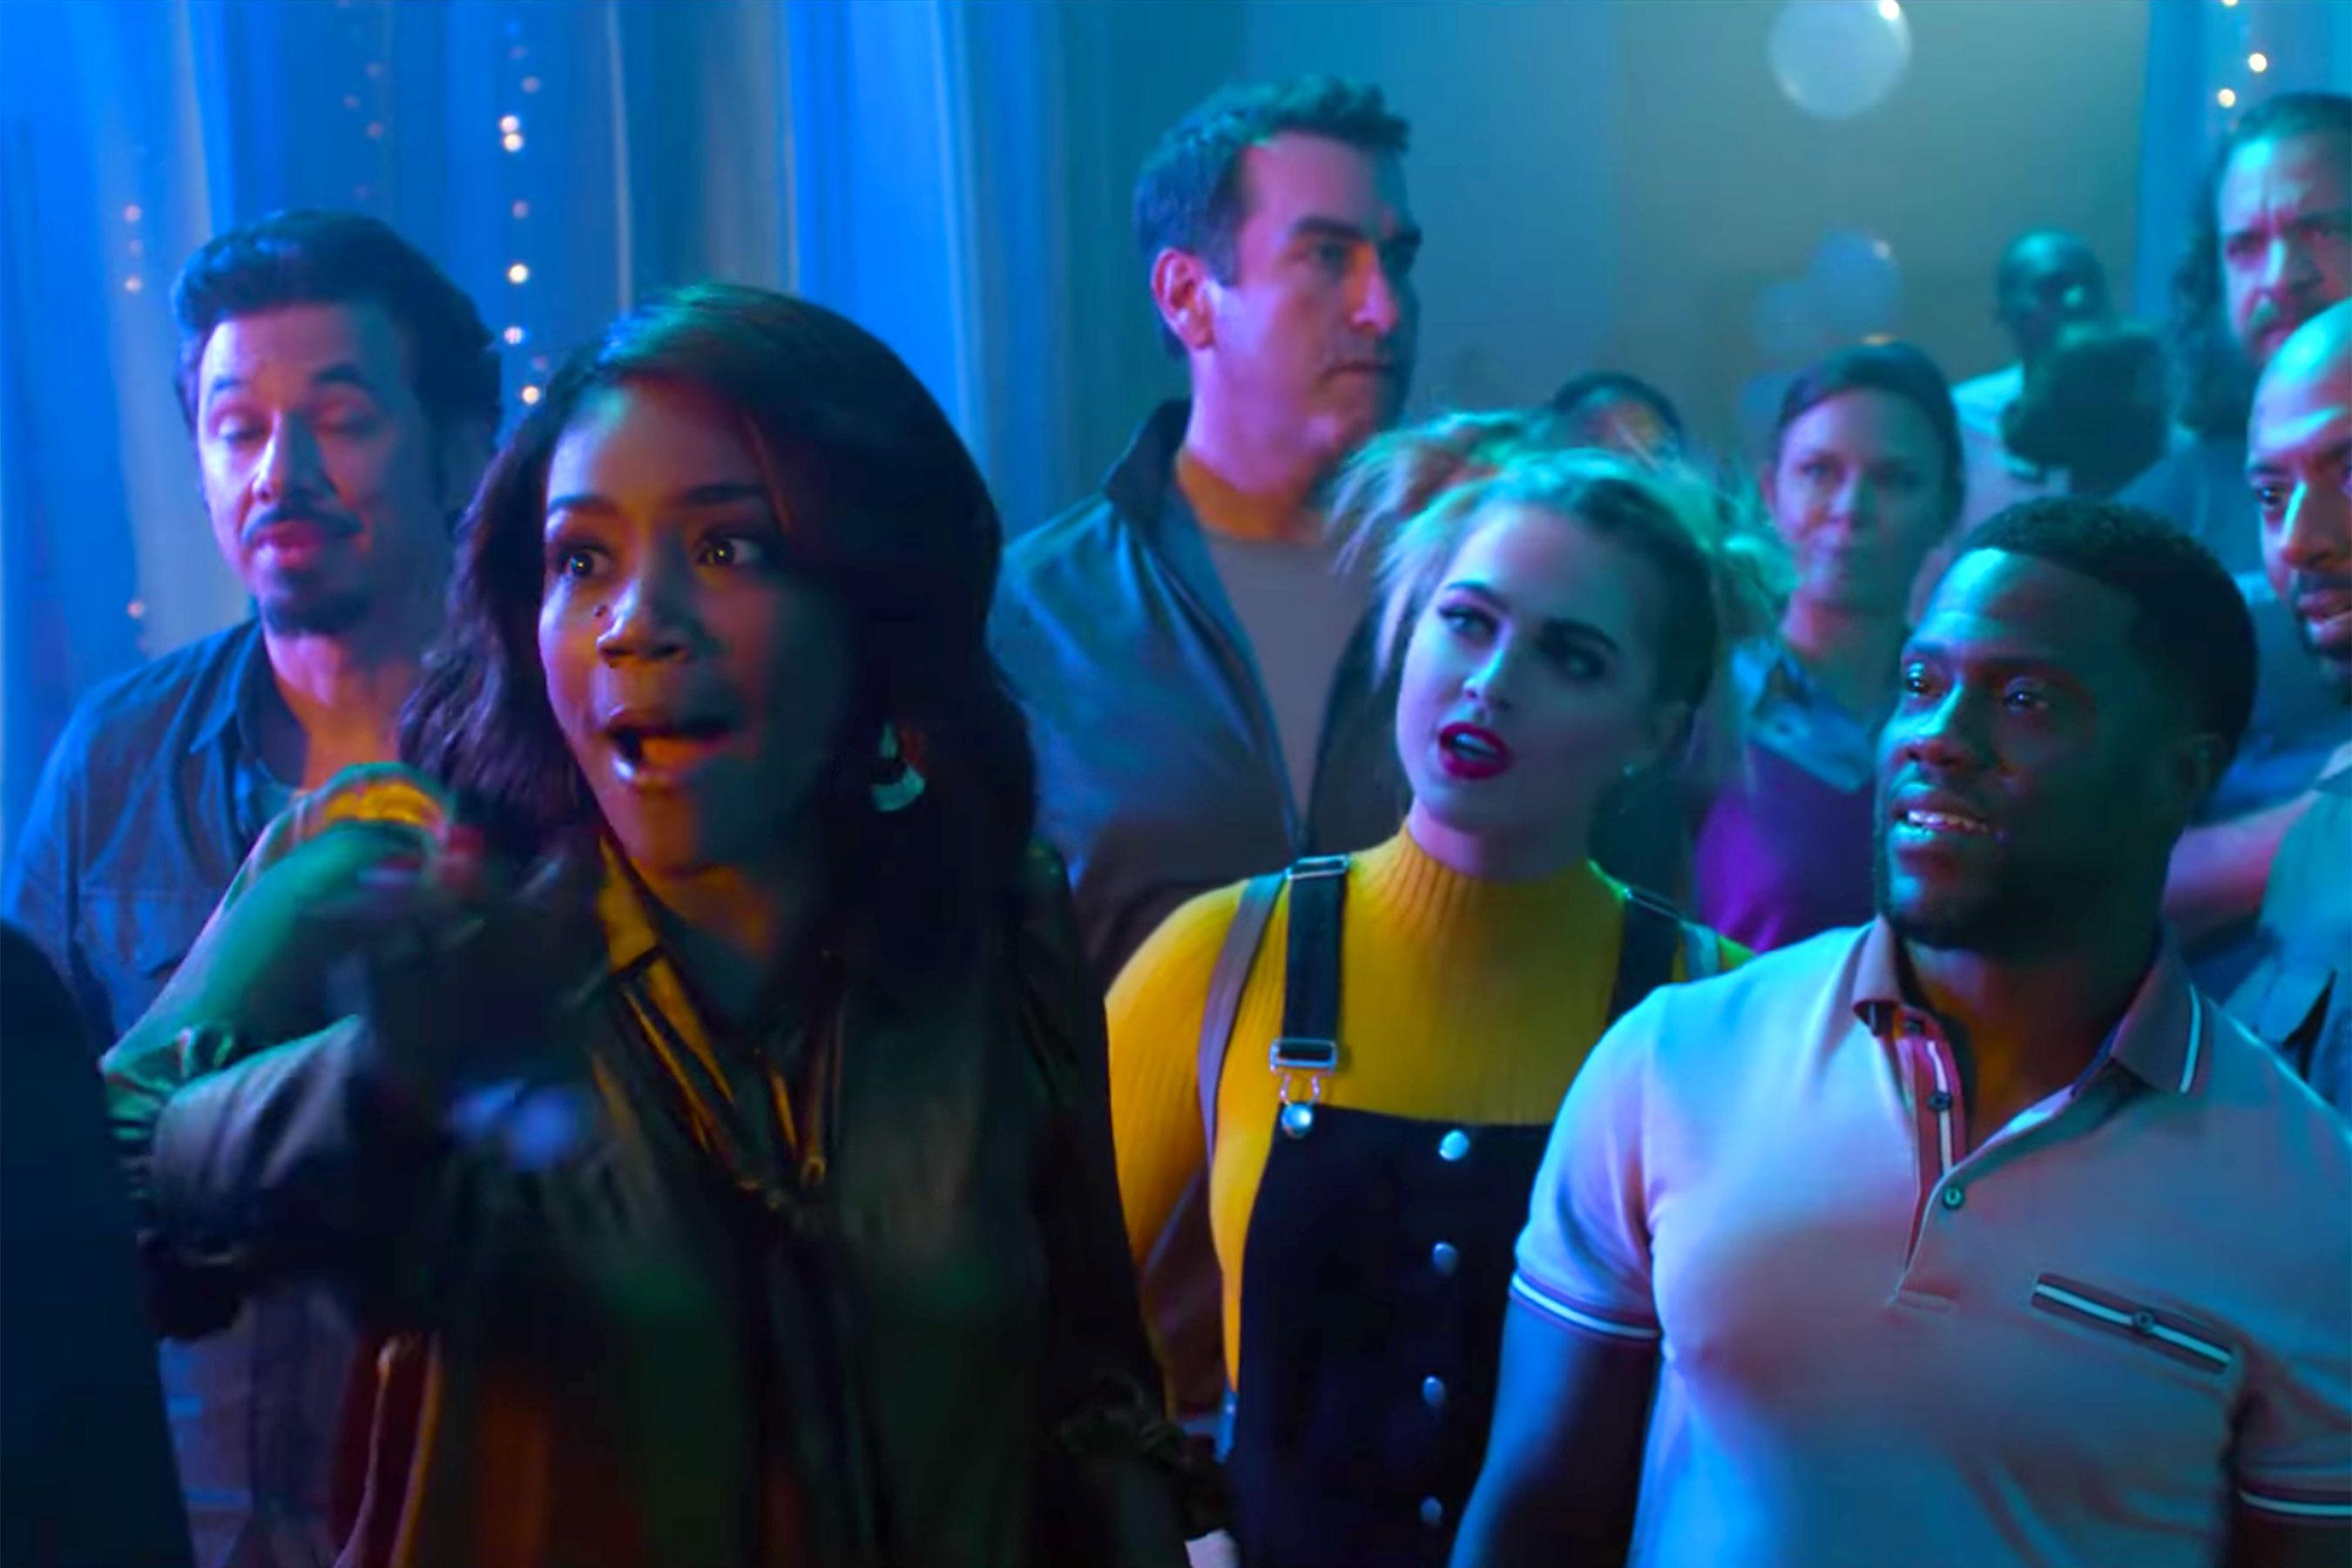 La nueva comedia protagonizada por Kevin Hart, Escuela para Fracasados, debuta en primer puesto mientras Smallfoot logra un decente estreno en segunda posición. Hell Fest no entra en el TOP 5.